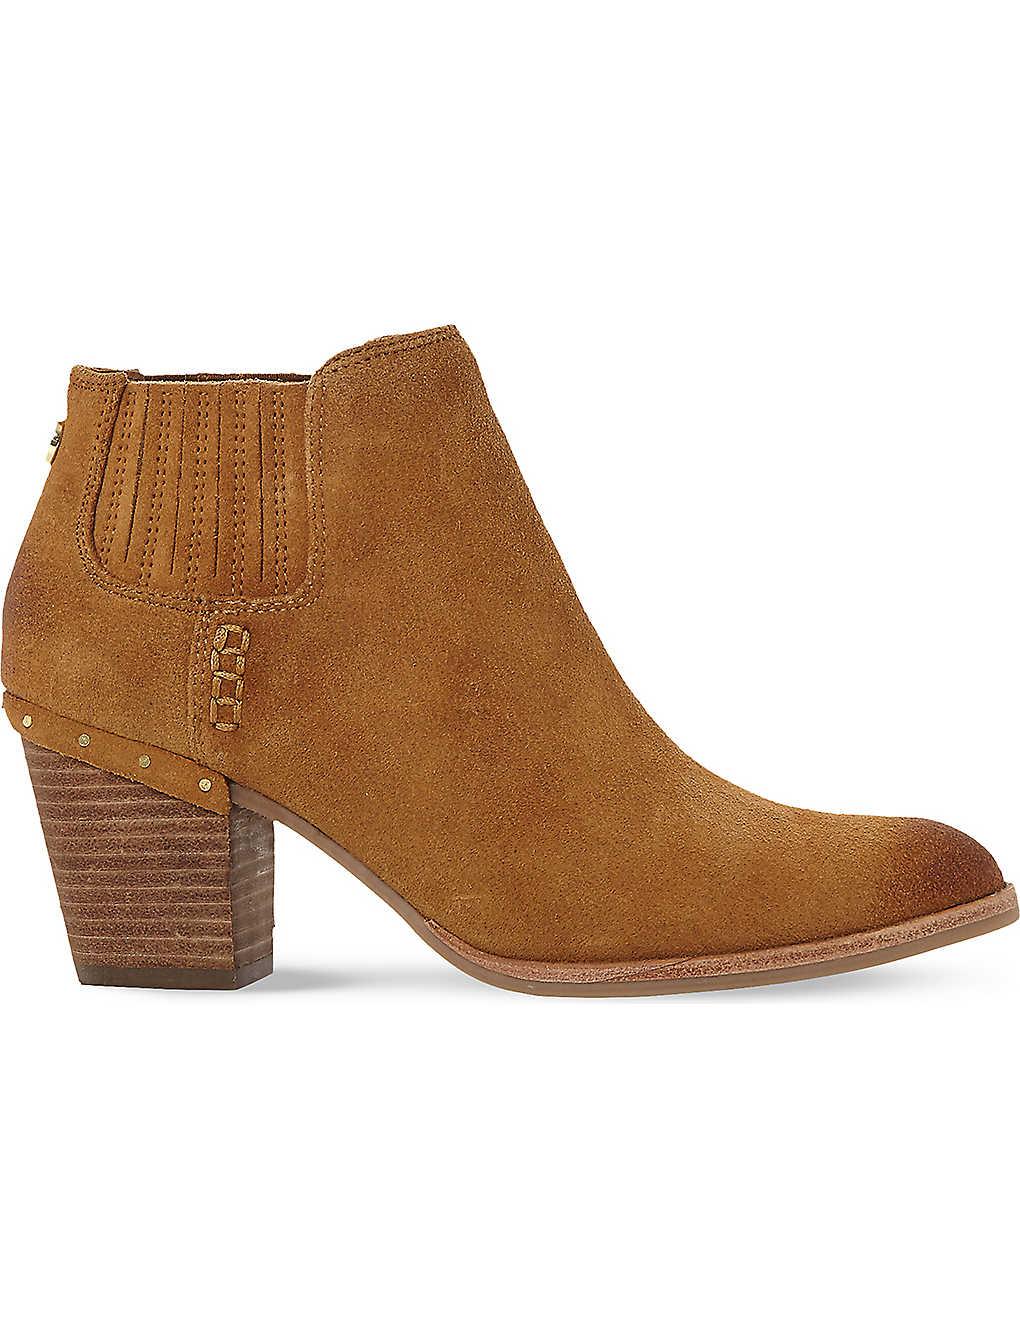 683c51d0bf1 STEVE MADDEN - Tinker suede ankle boots | Selfridges.com